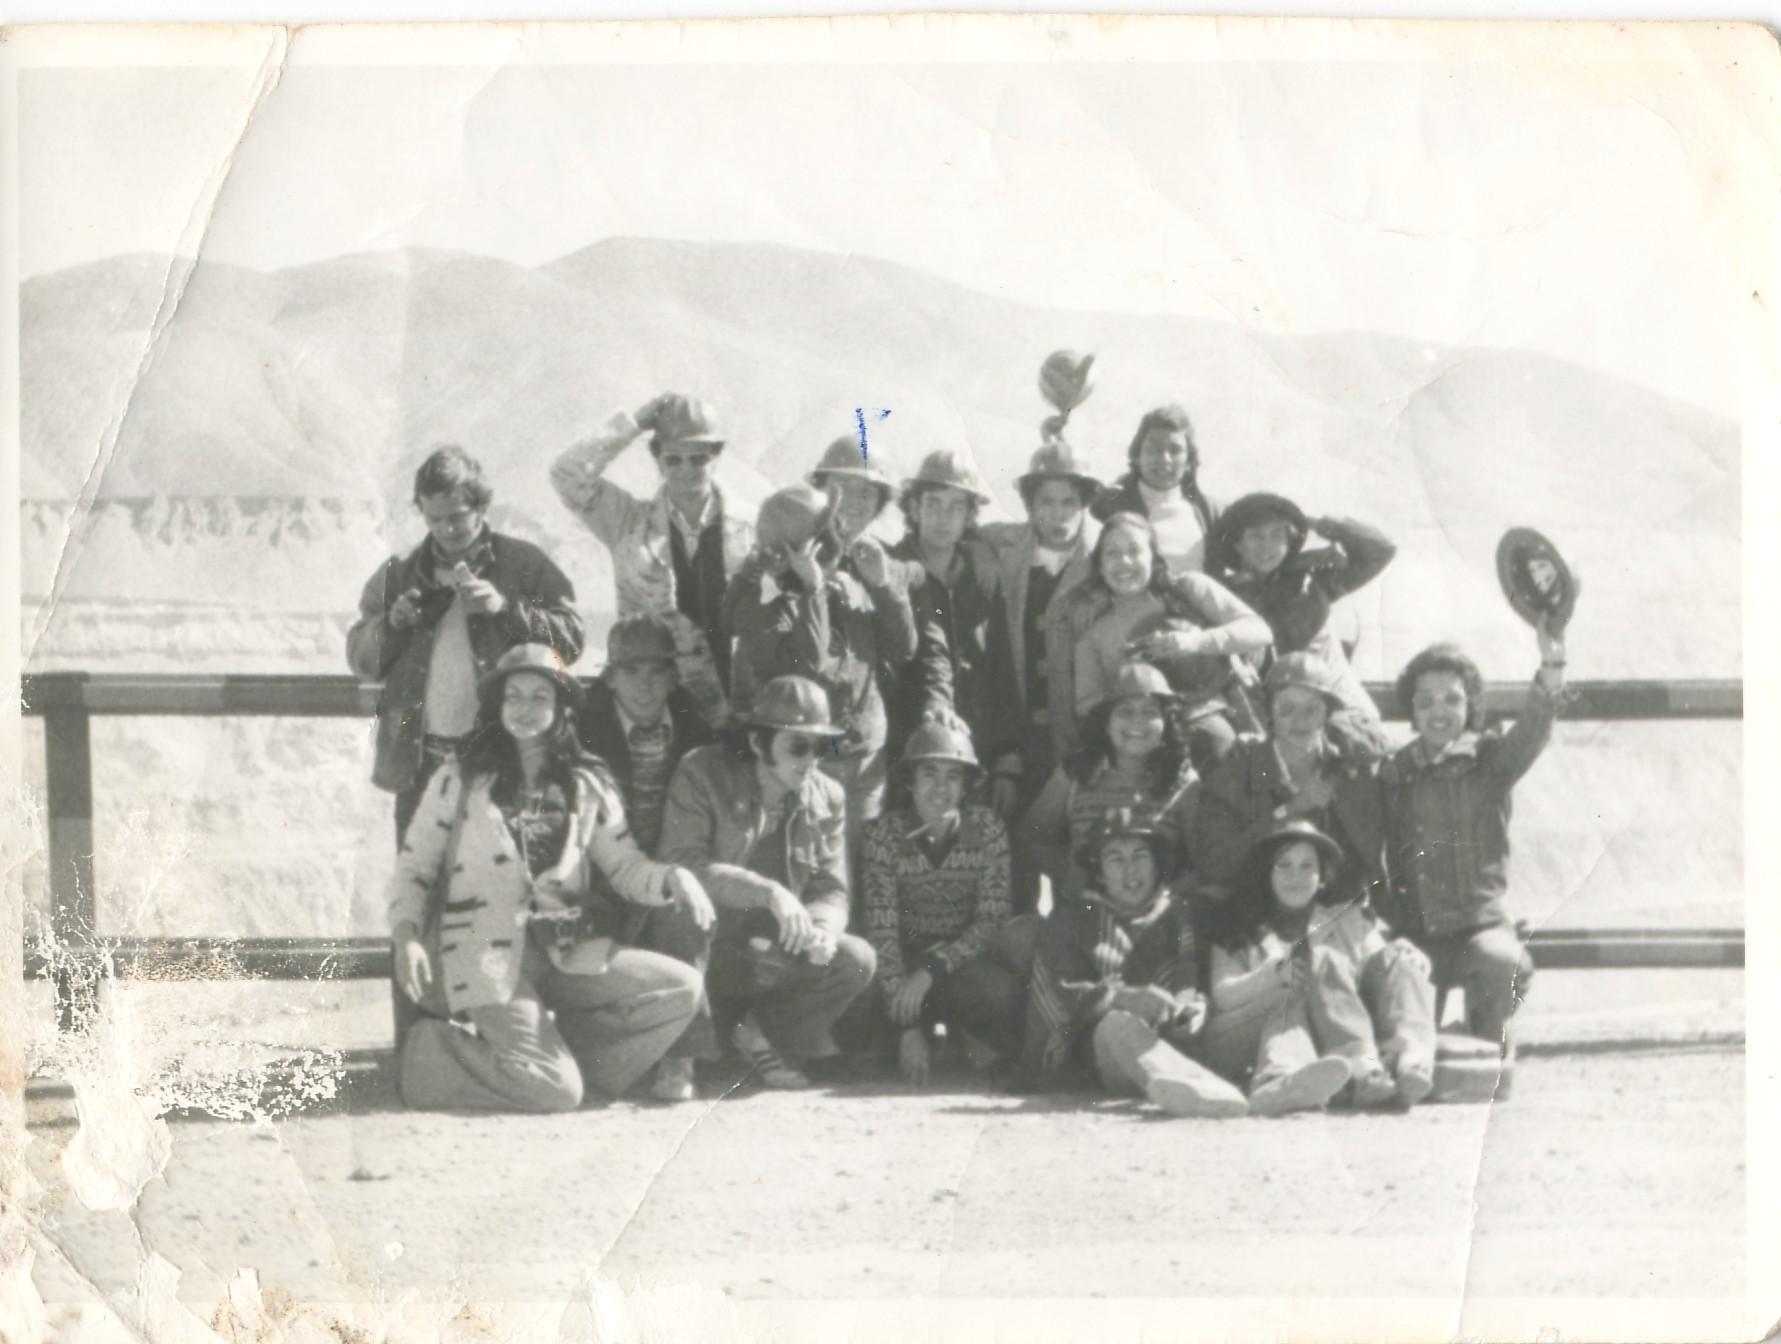 Enterreno - Fotos históricas de chile - fotos antiguas de Chile - Viaje de estudios en Chuquicamata en 1975